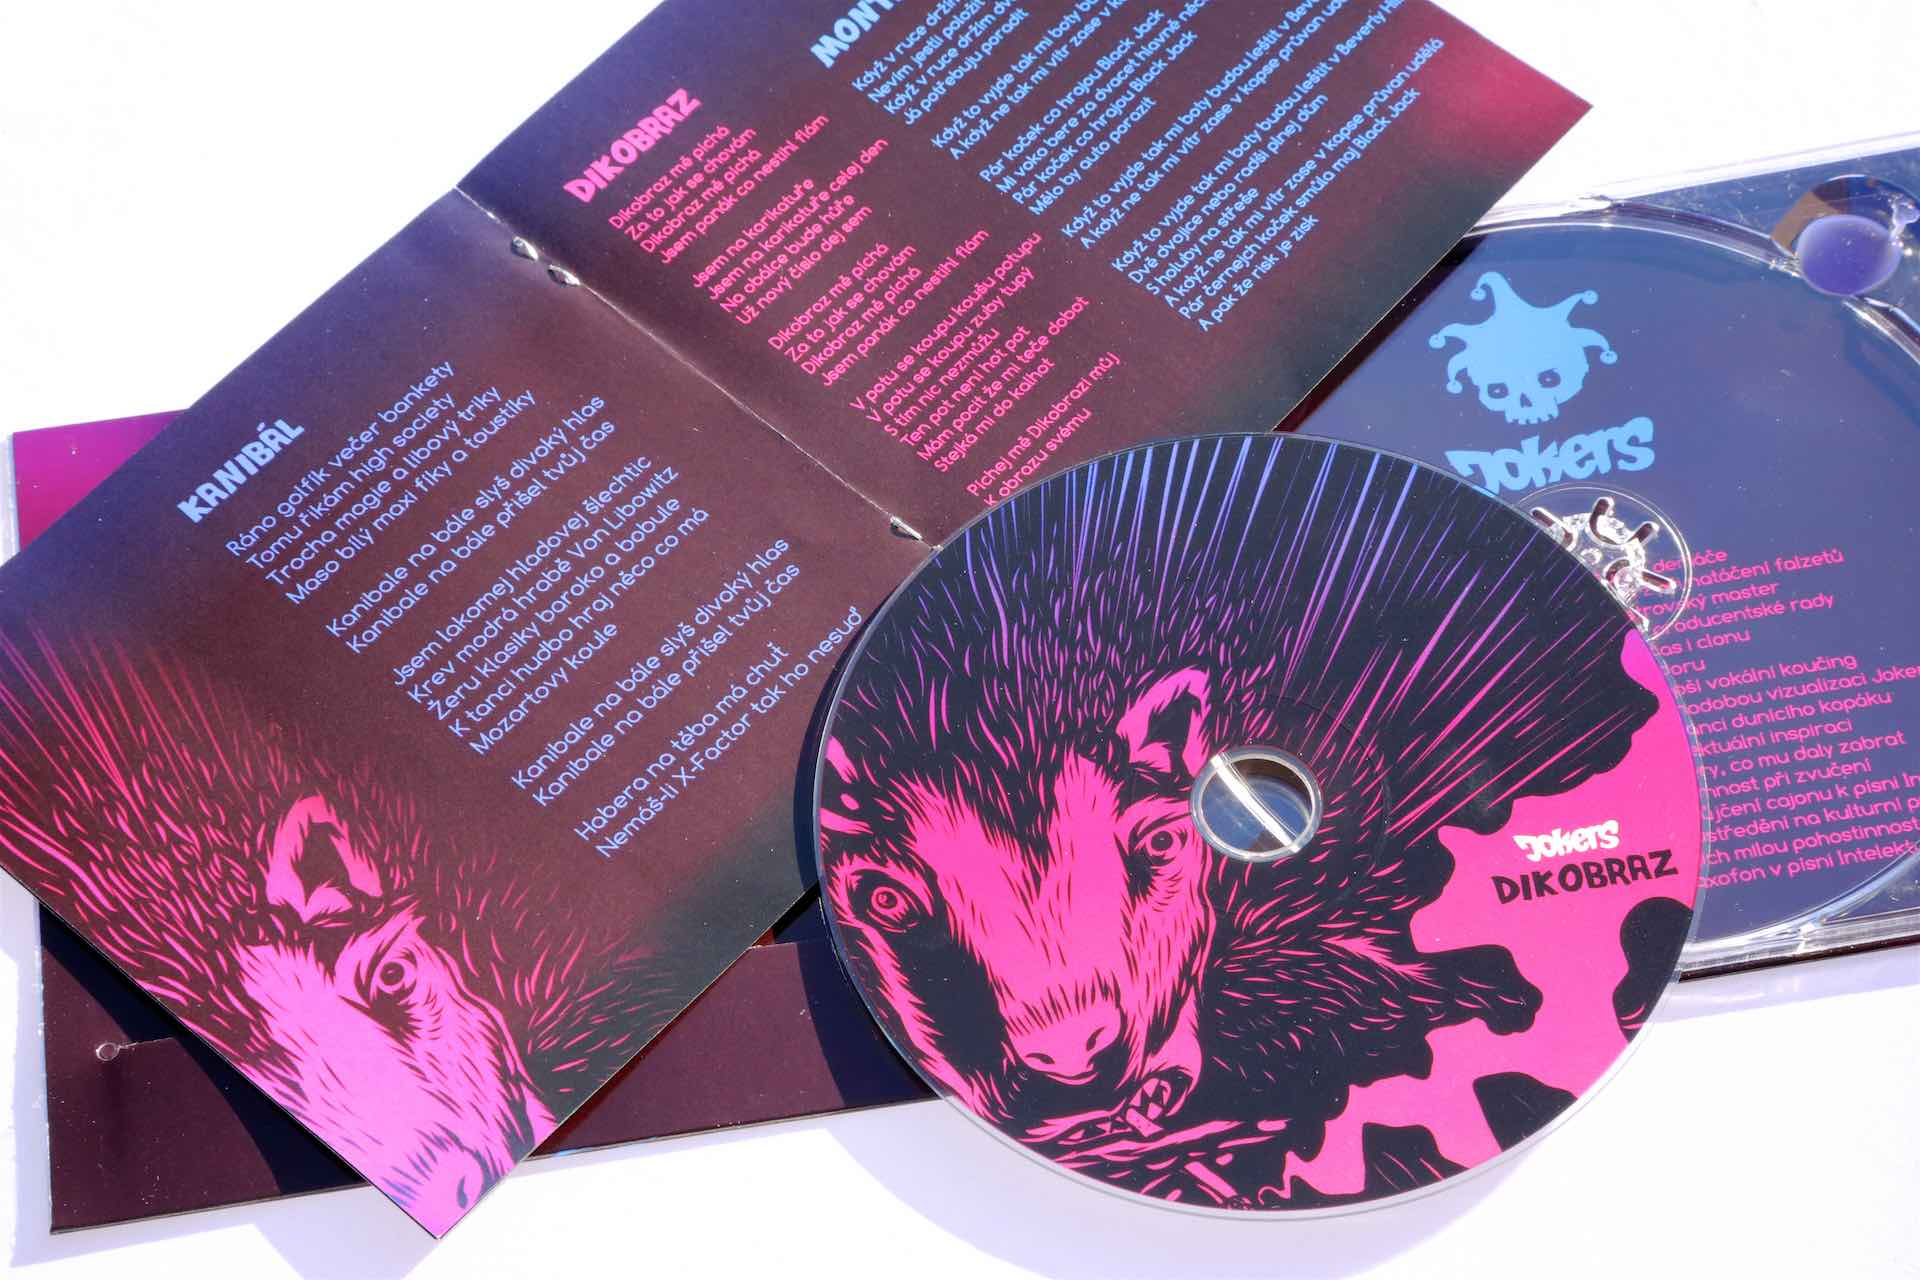 CD Dikobraz - 290 kč